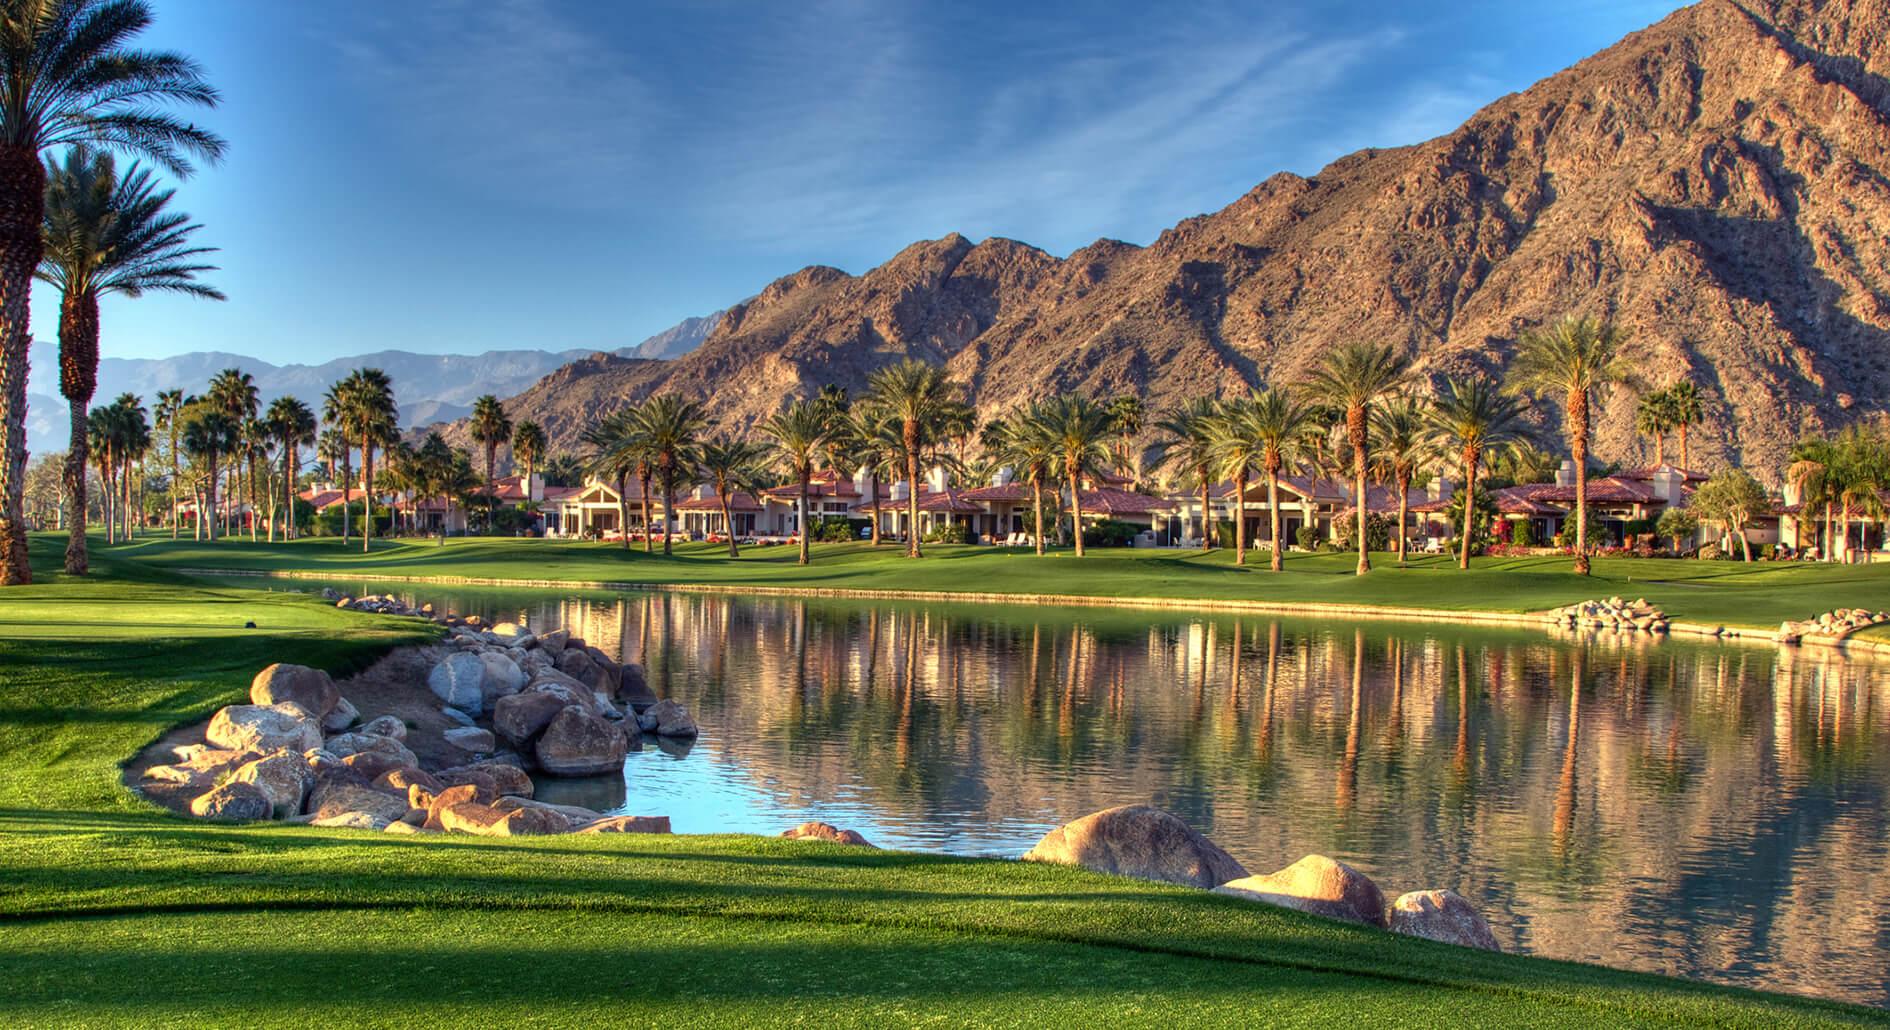 Palm Springs Riverside and San Bernardino